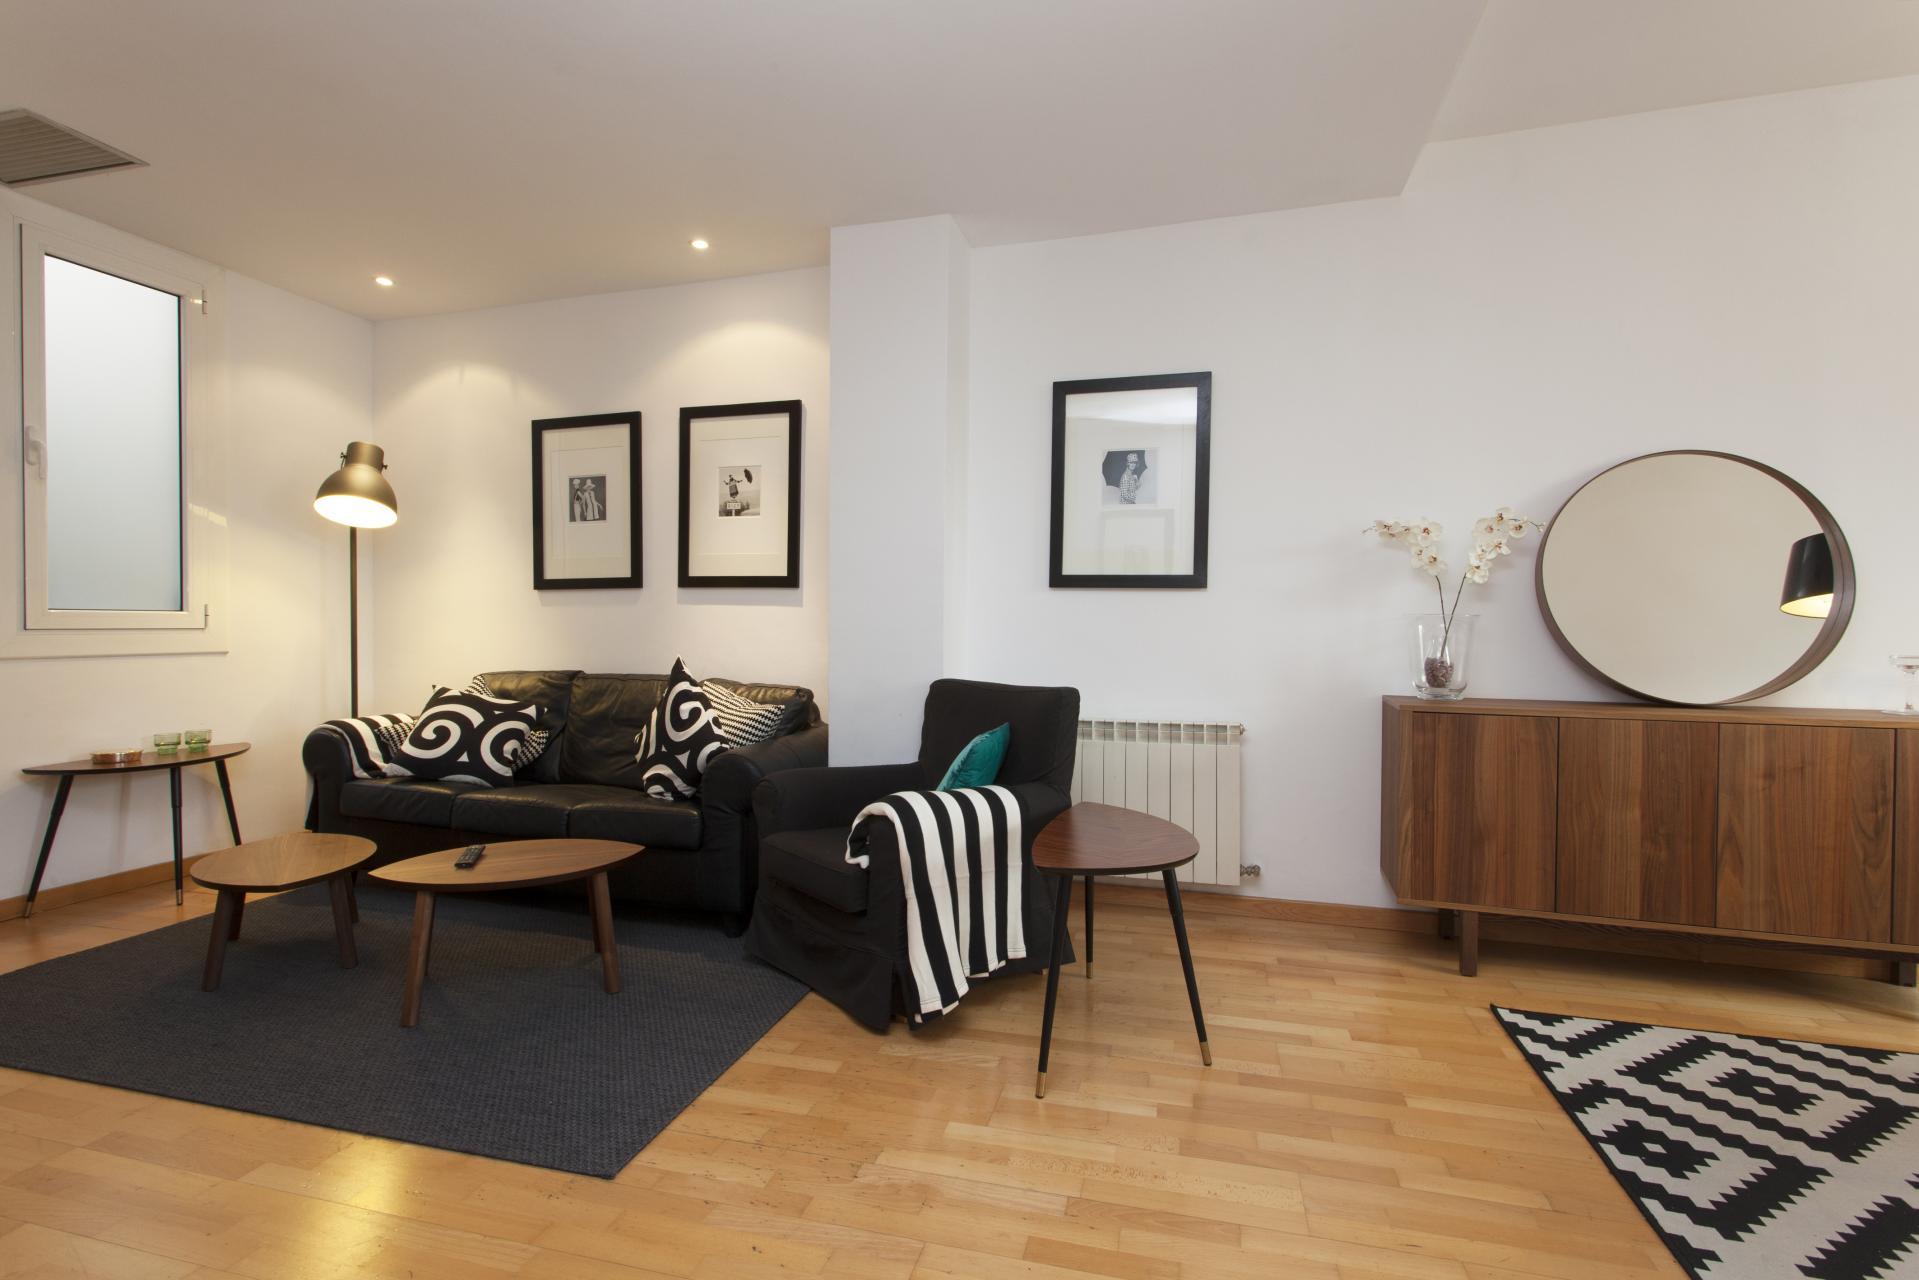 Piso en alquiler barcelona l 39 eixample girona avenida diagonal - Alquiler pisos barcelona eixample ...